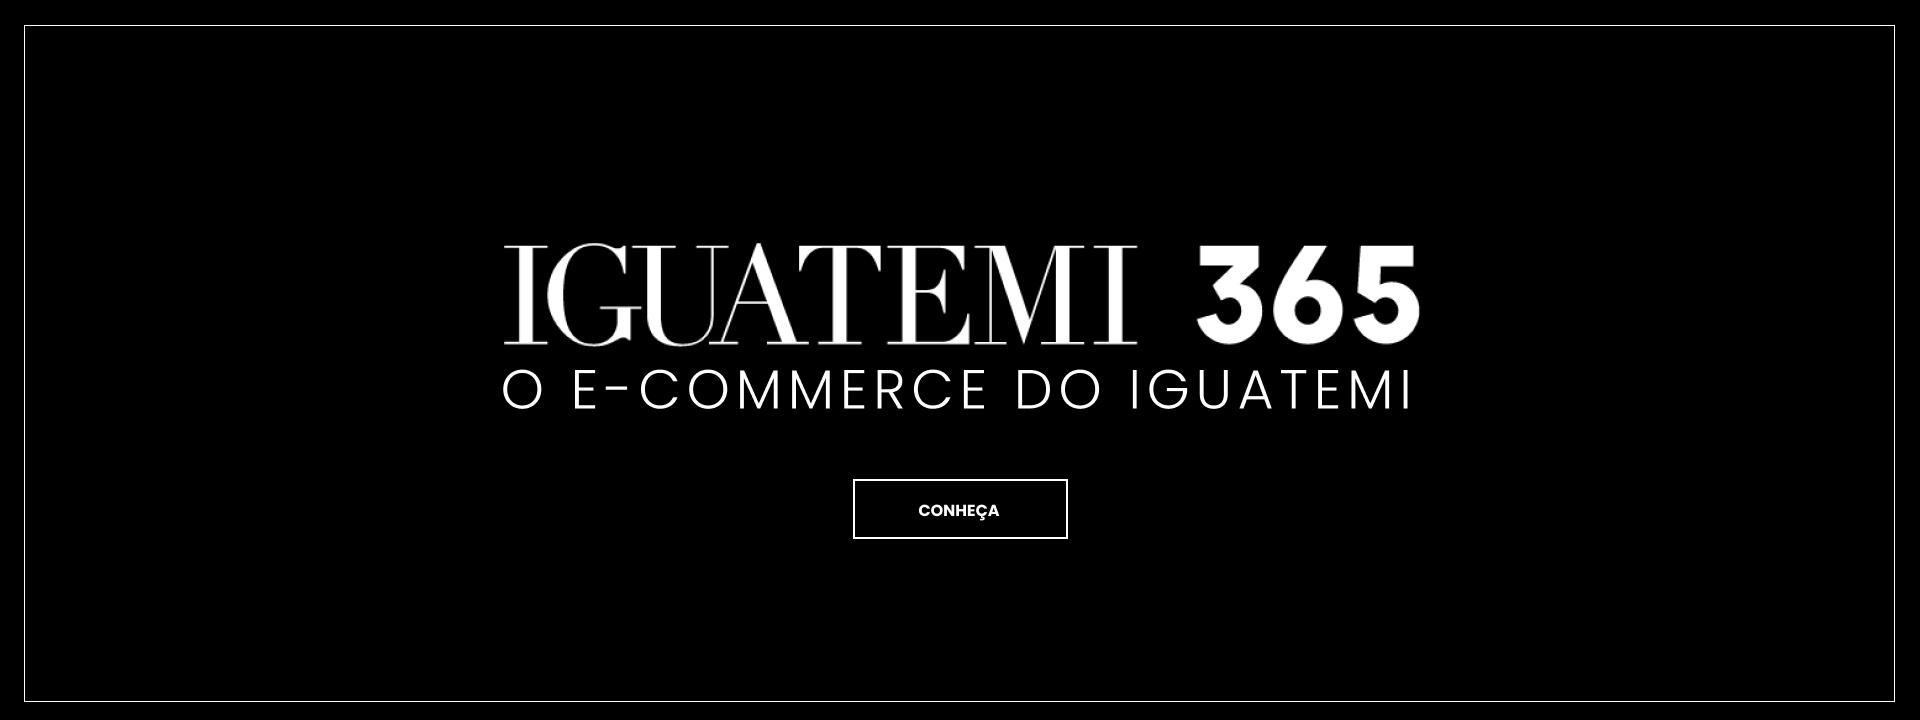 Iguatemi 365